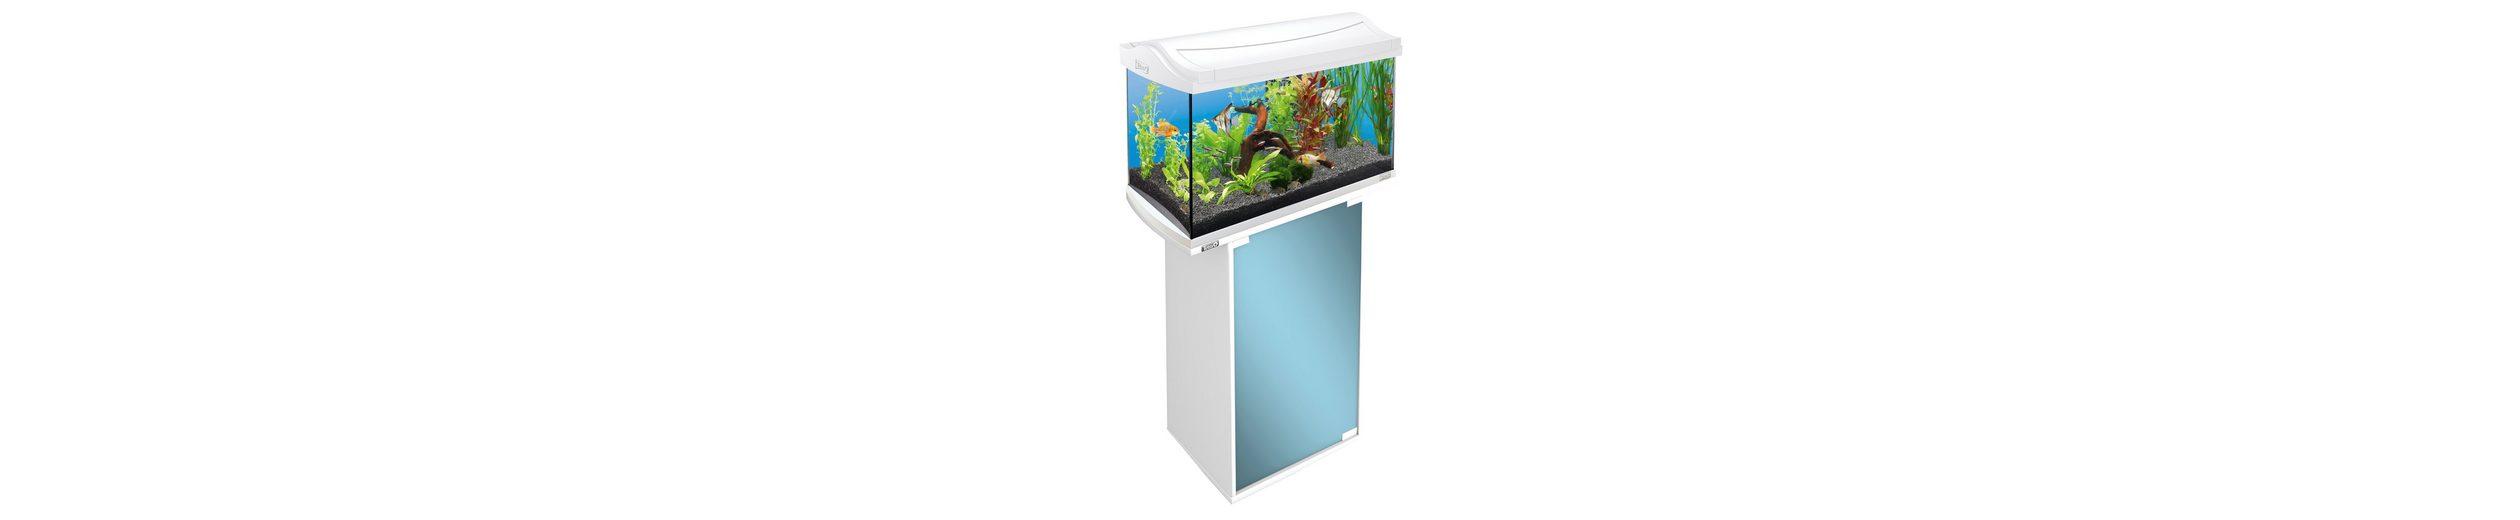 Aquarienunterschrank »Tetra AquaArt« für 60 l Aquarien